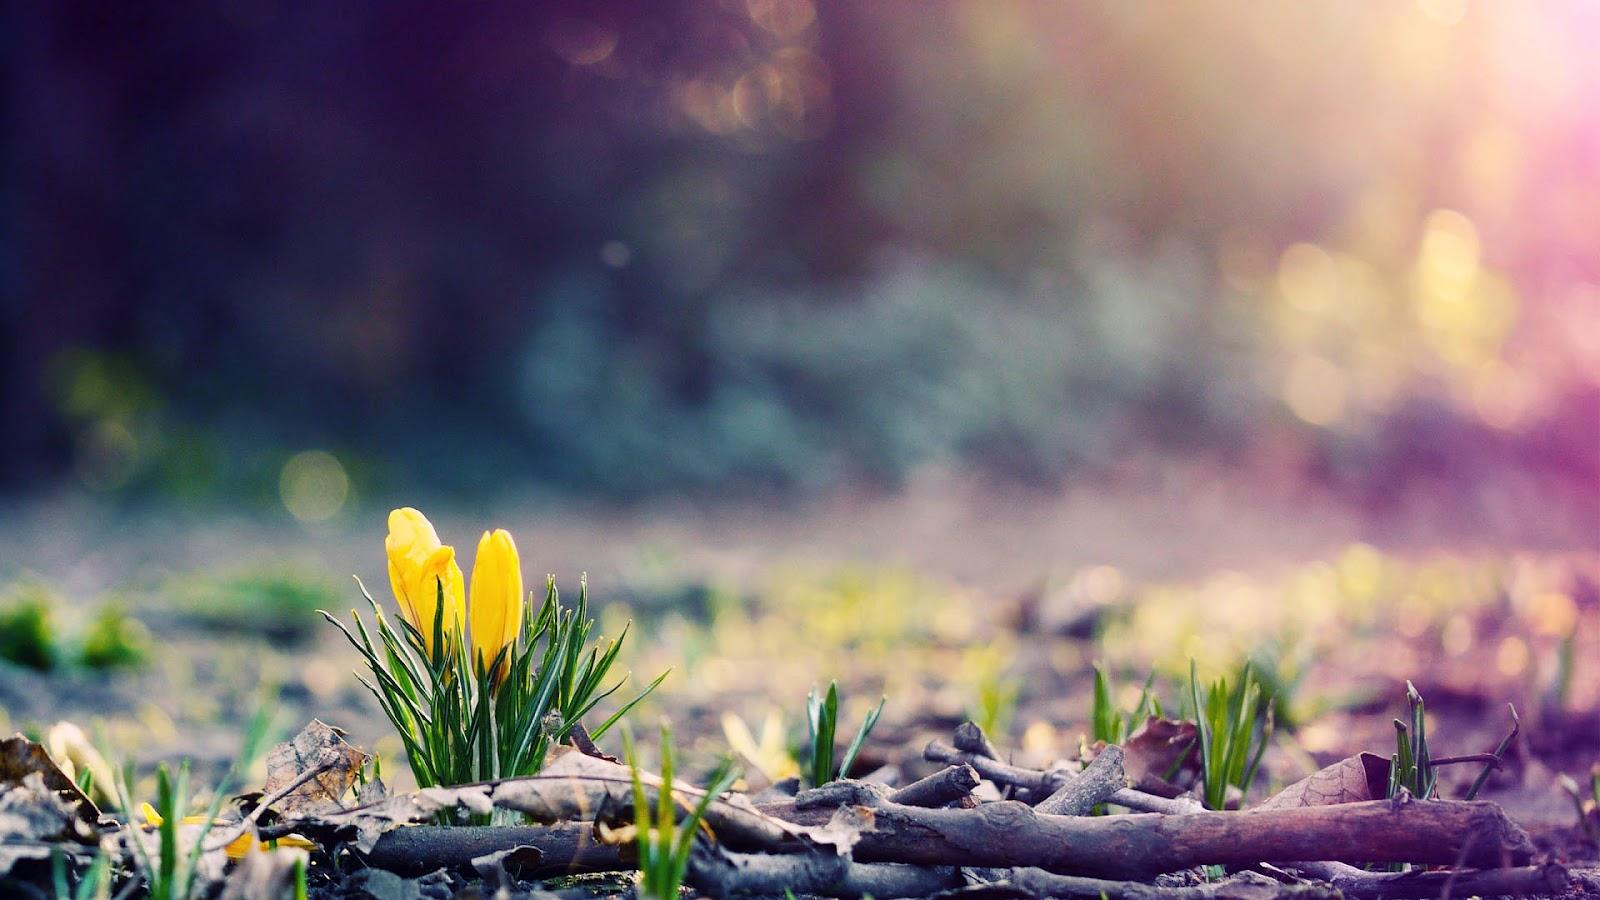 lente achtergronden hd - photo #23